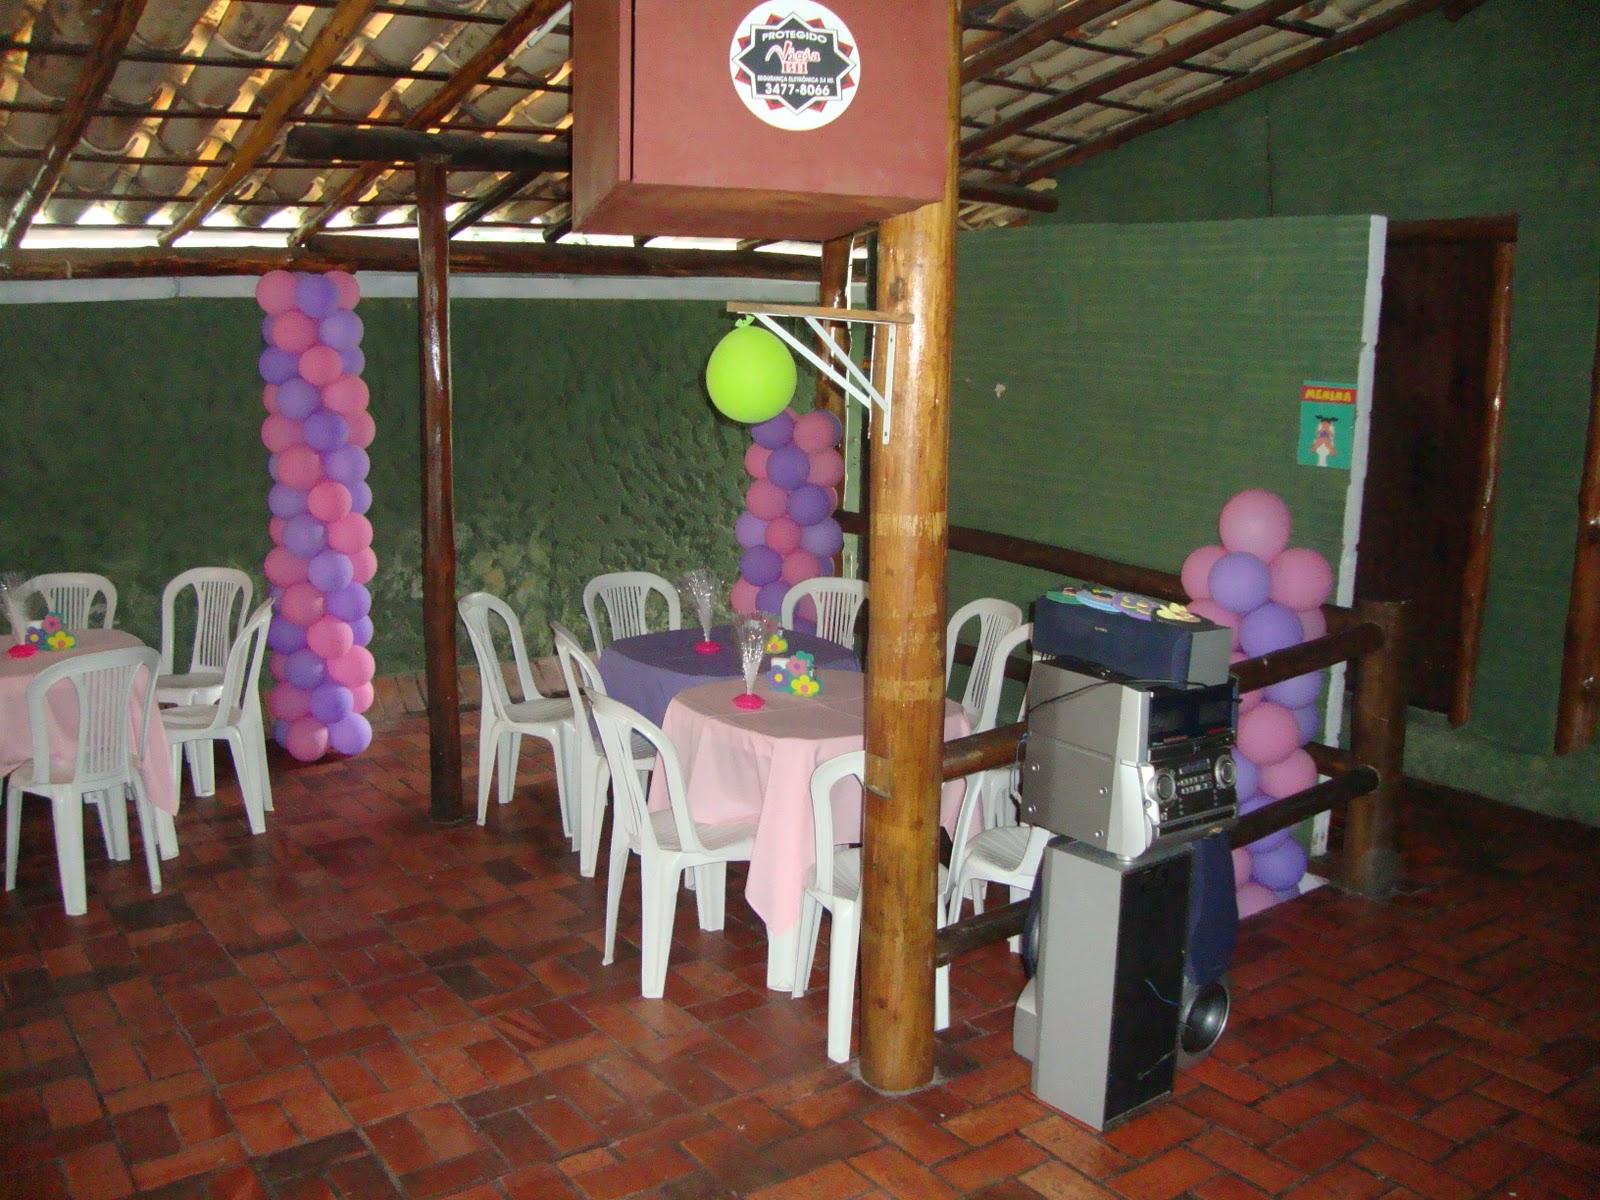 http://4.bp.blogspot.com/_XLIuhncTfGk/TMgDoqUjhGI/AAAAAAAAAAw/a3czVWiaTQA/s1600/Niver+04+Anos+-+Princesas+028.jpg